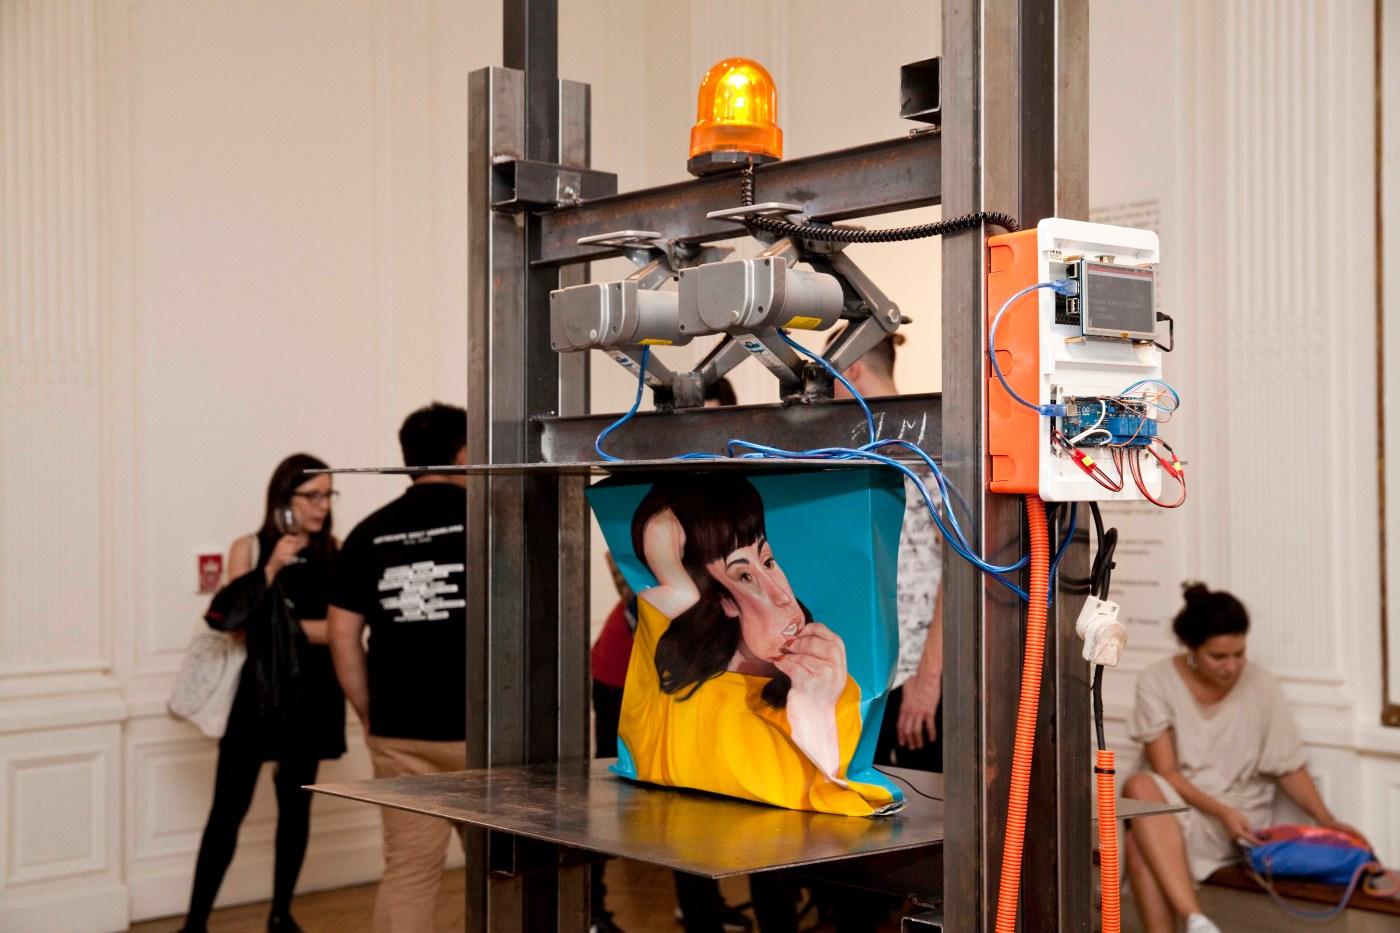 Machine destroying a piece of art